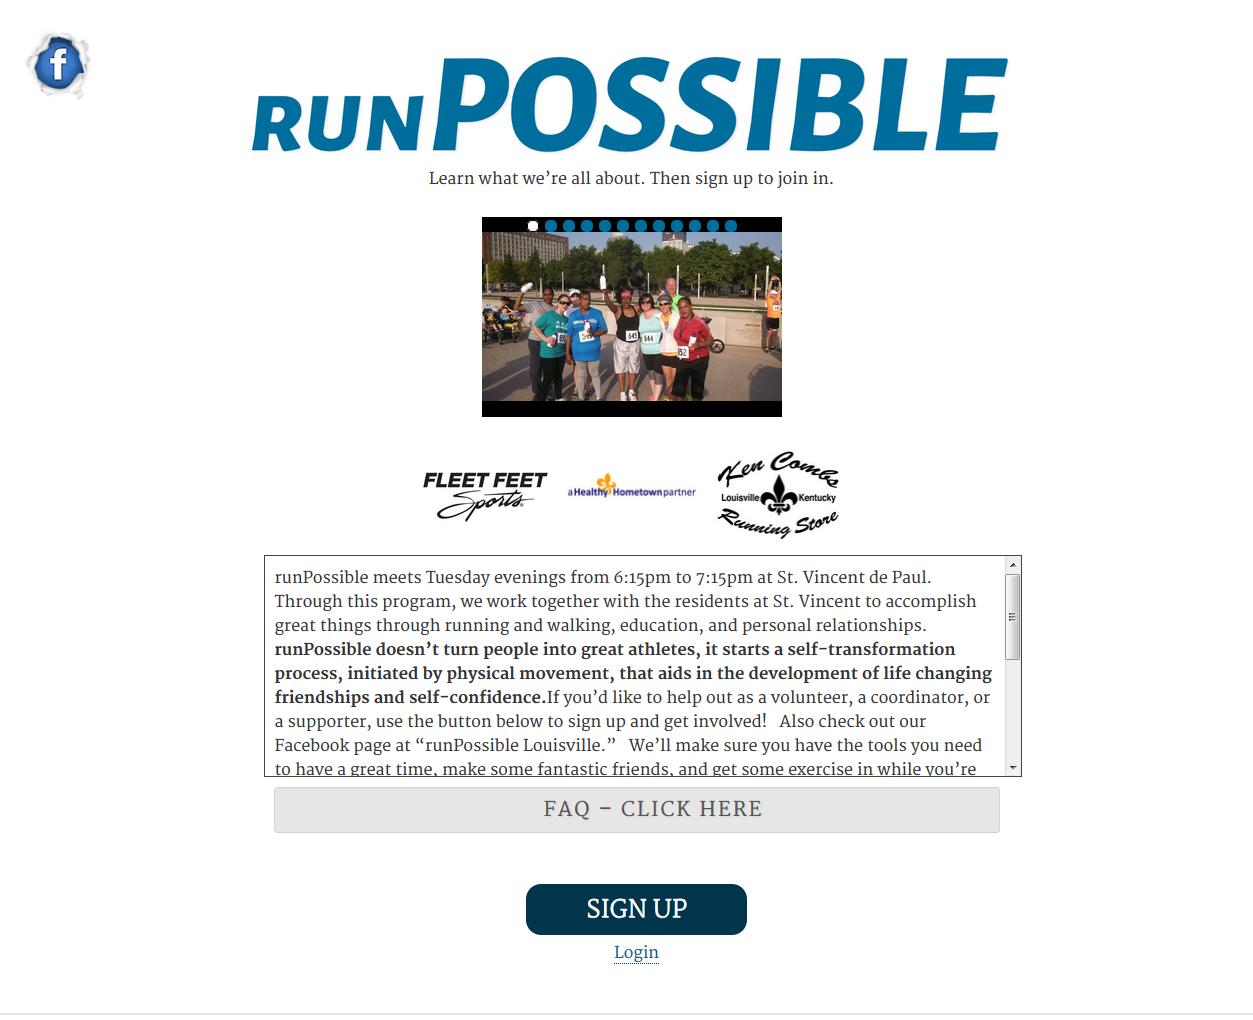 runPossible